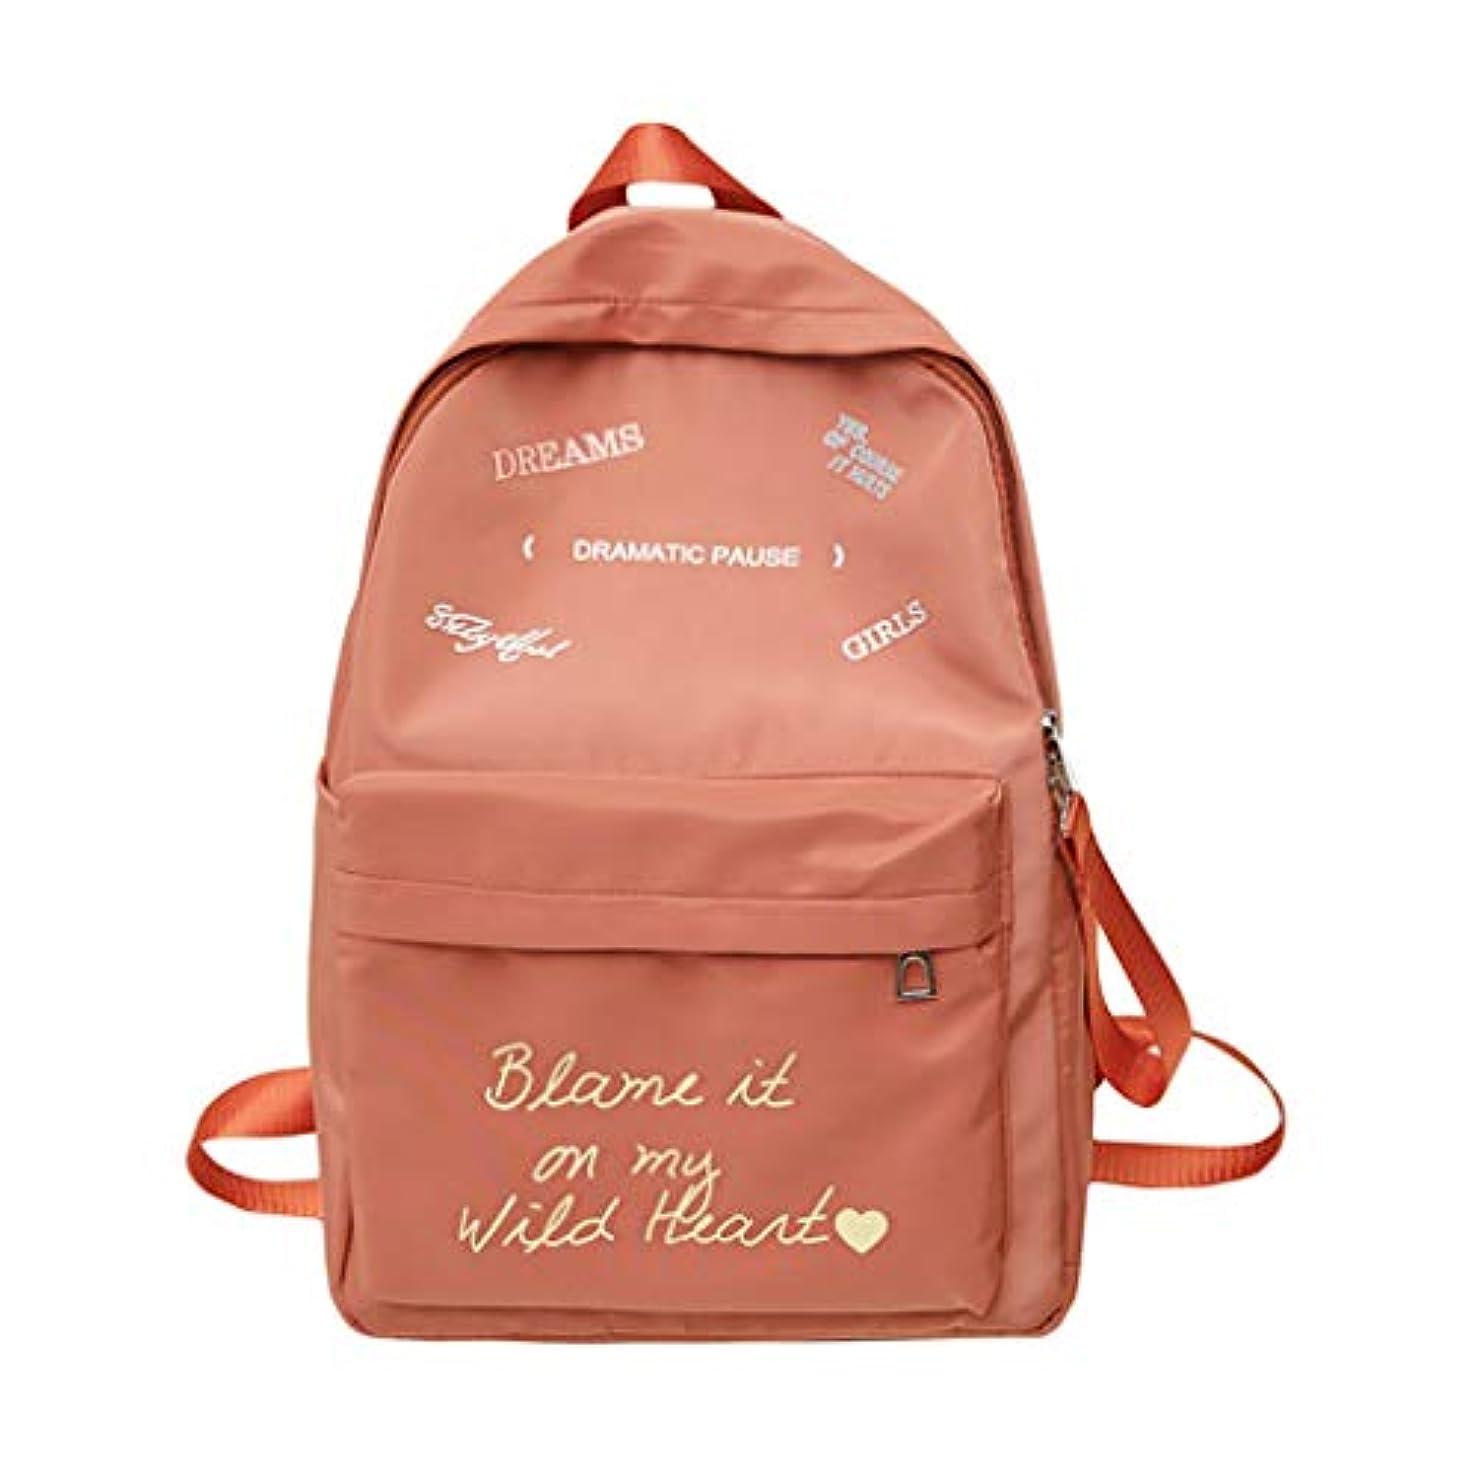 実験的傾いた遊び場ショルダーバッグ バックパックファッションラブリー印刷する 両用 ユニセックス 軽量 アウトドア ファッション レジャー 大容量 学生鞄通学通勤レジャー鞄 リュック リュックサック